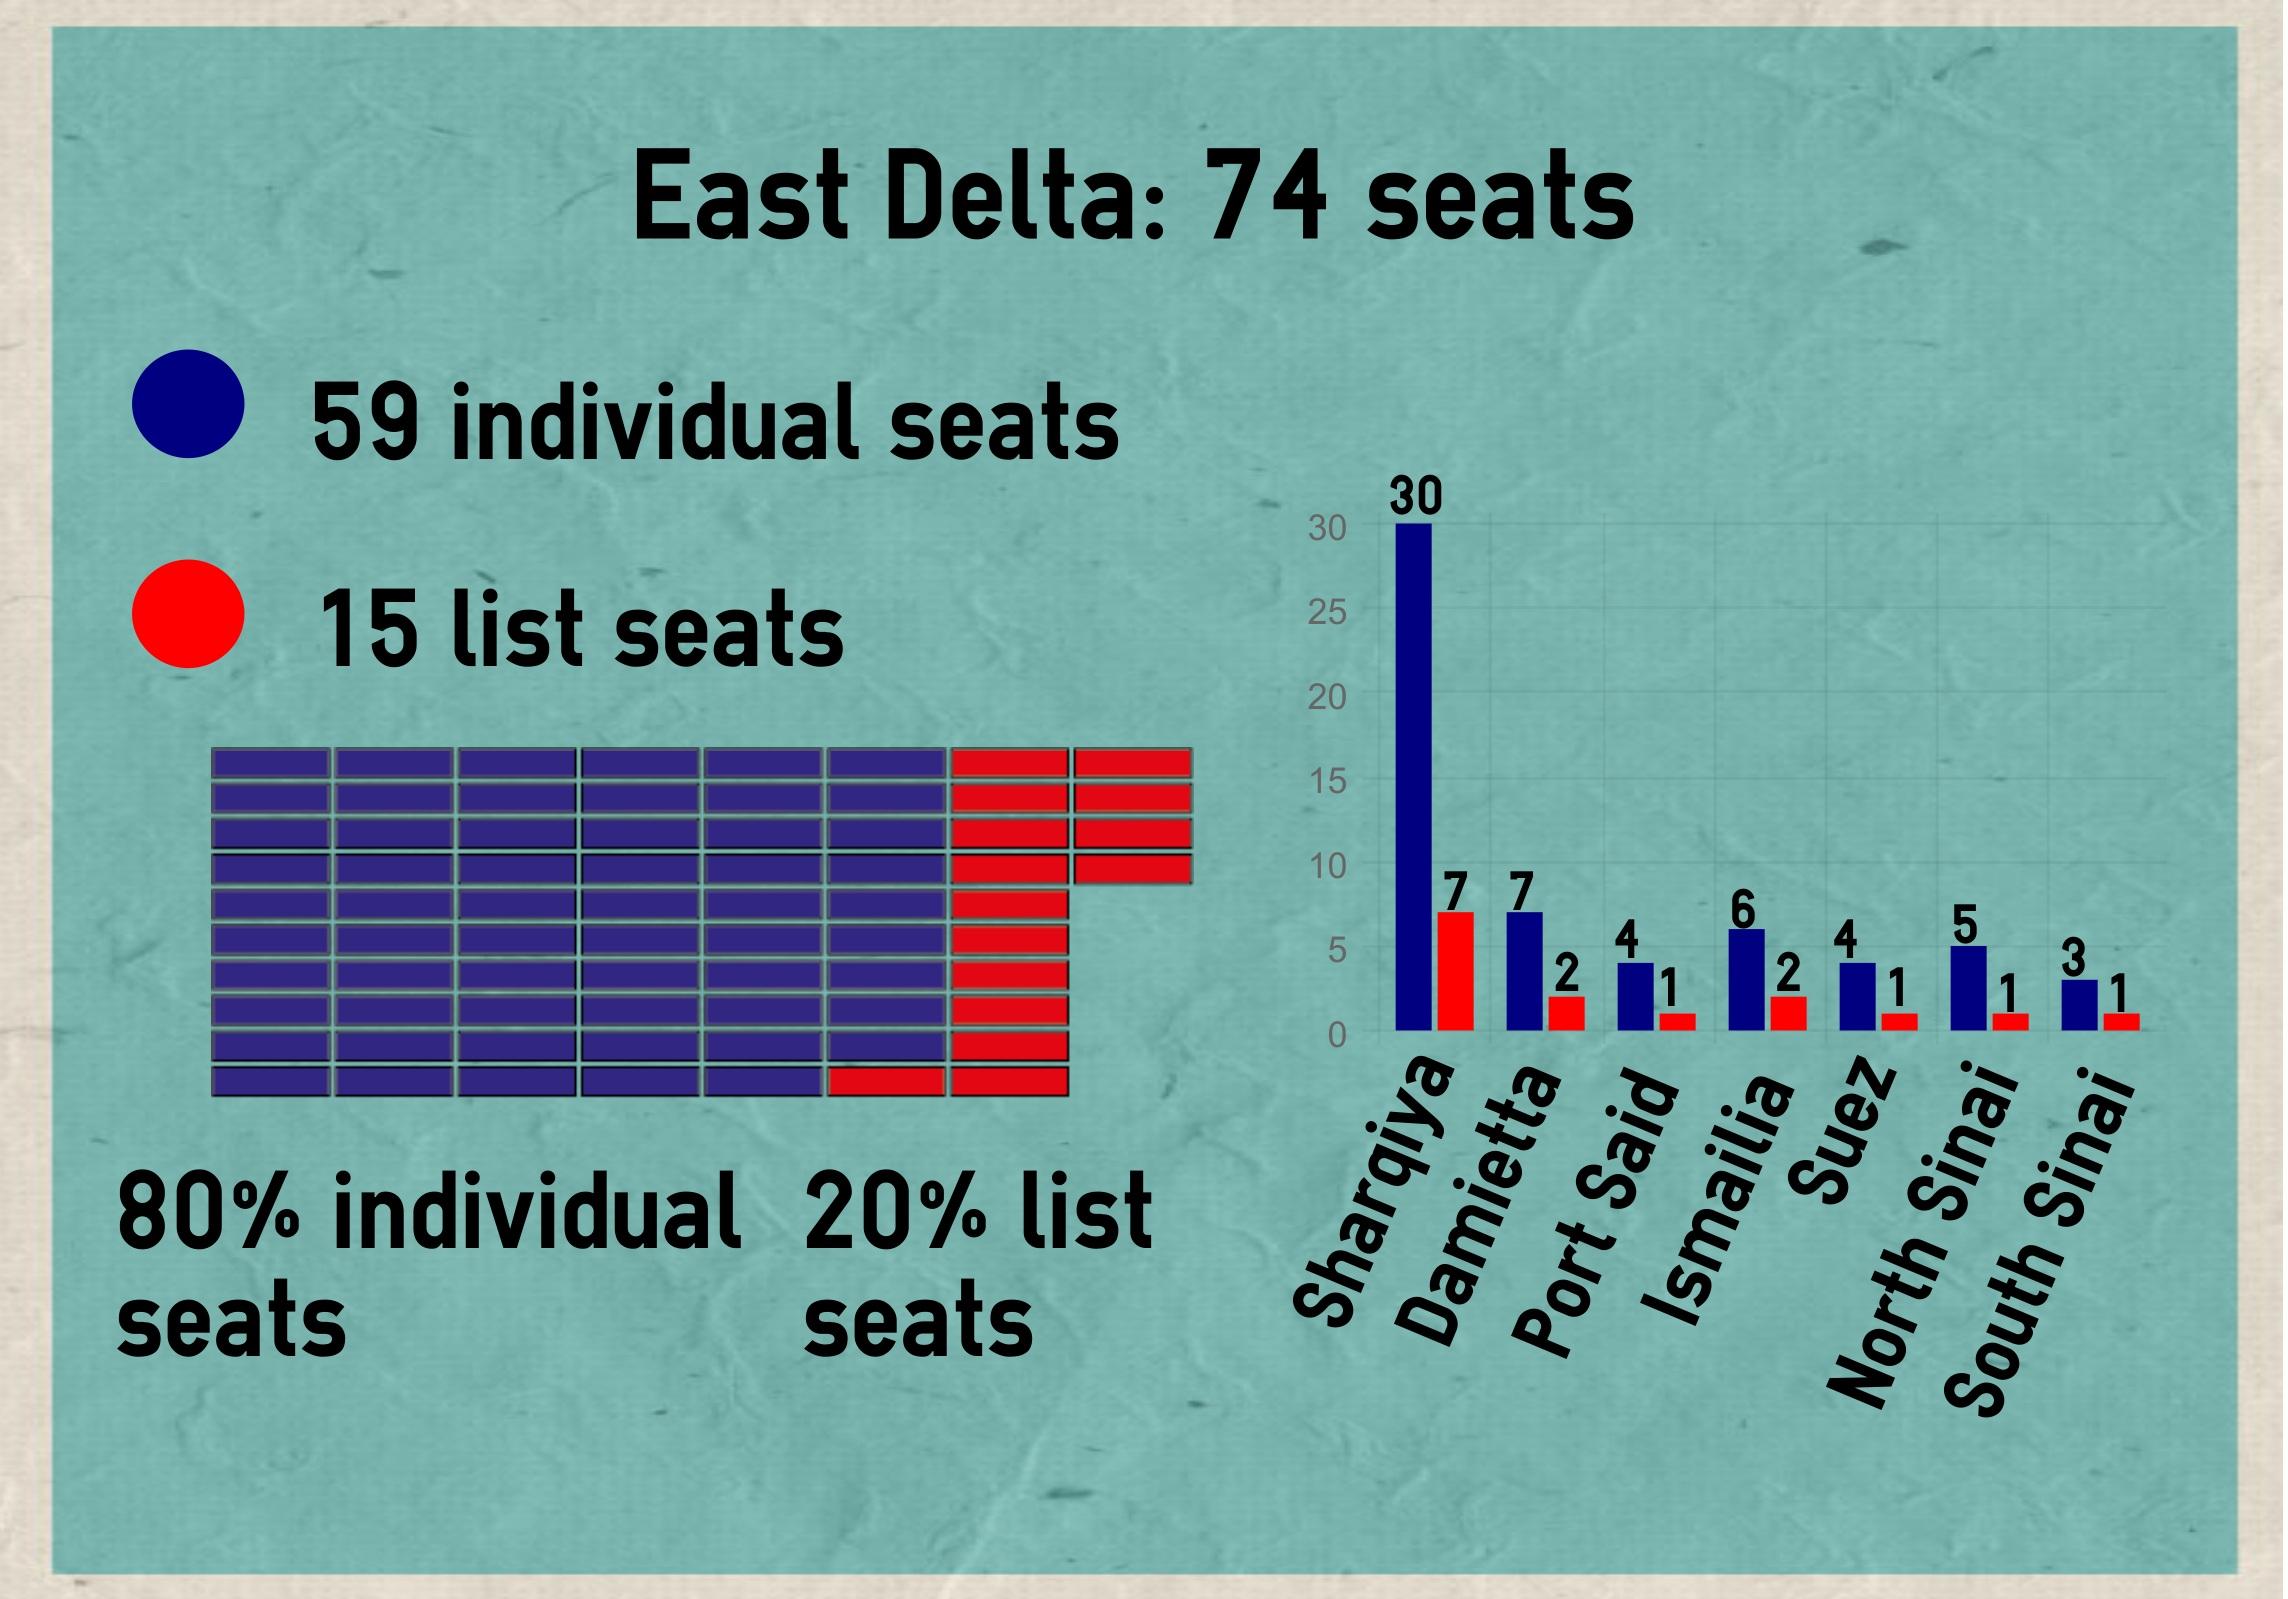 East Delta parliament seats 2015